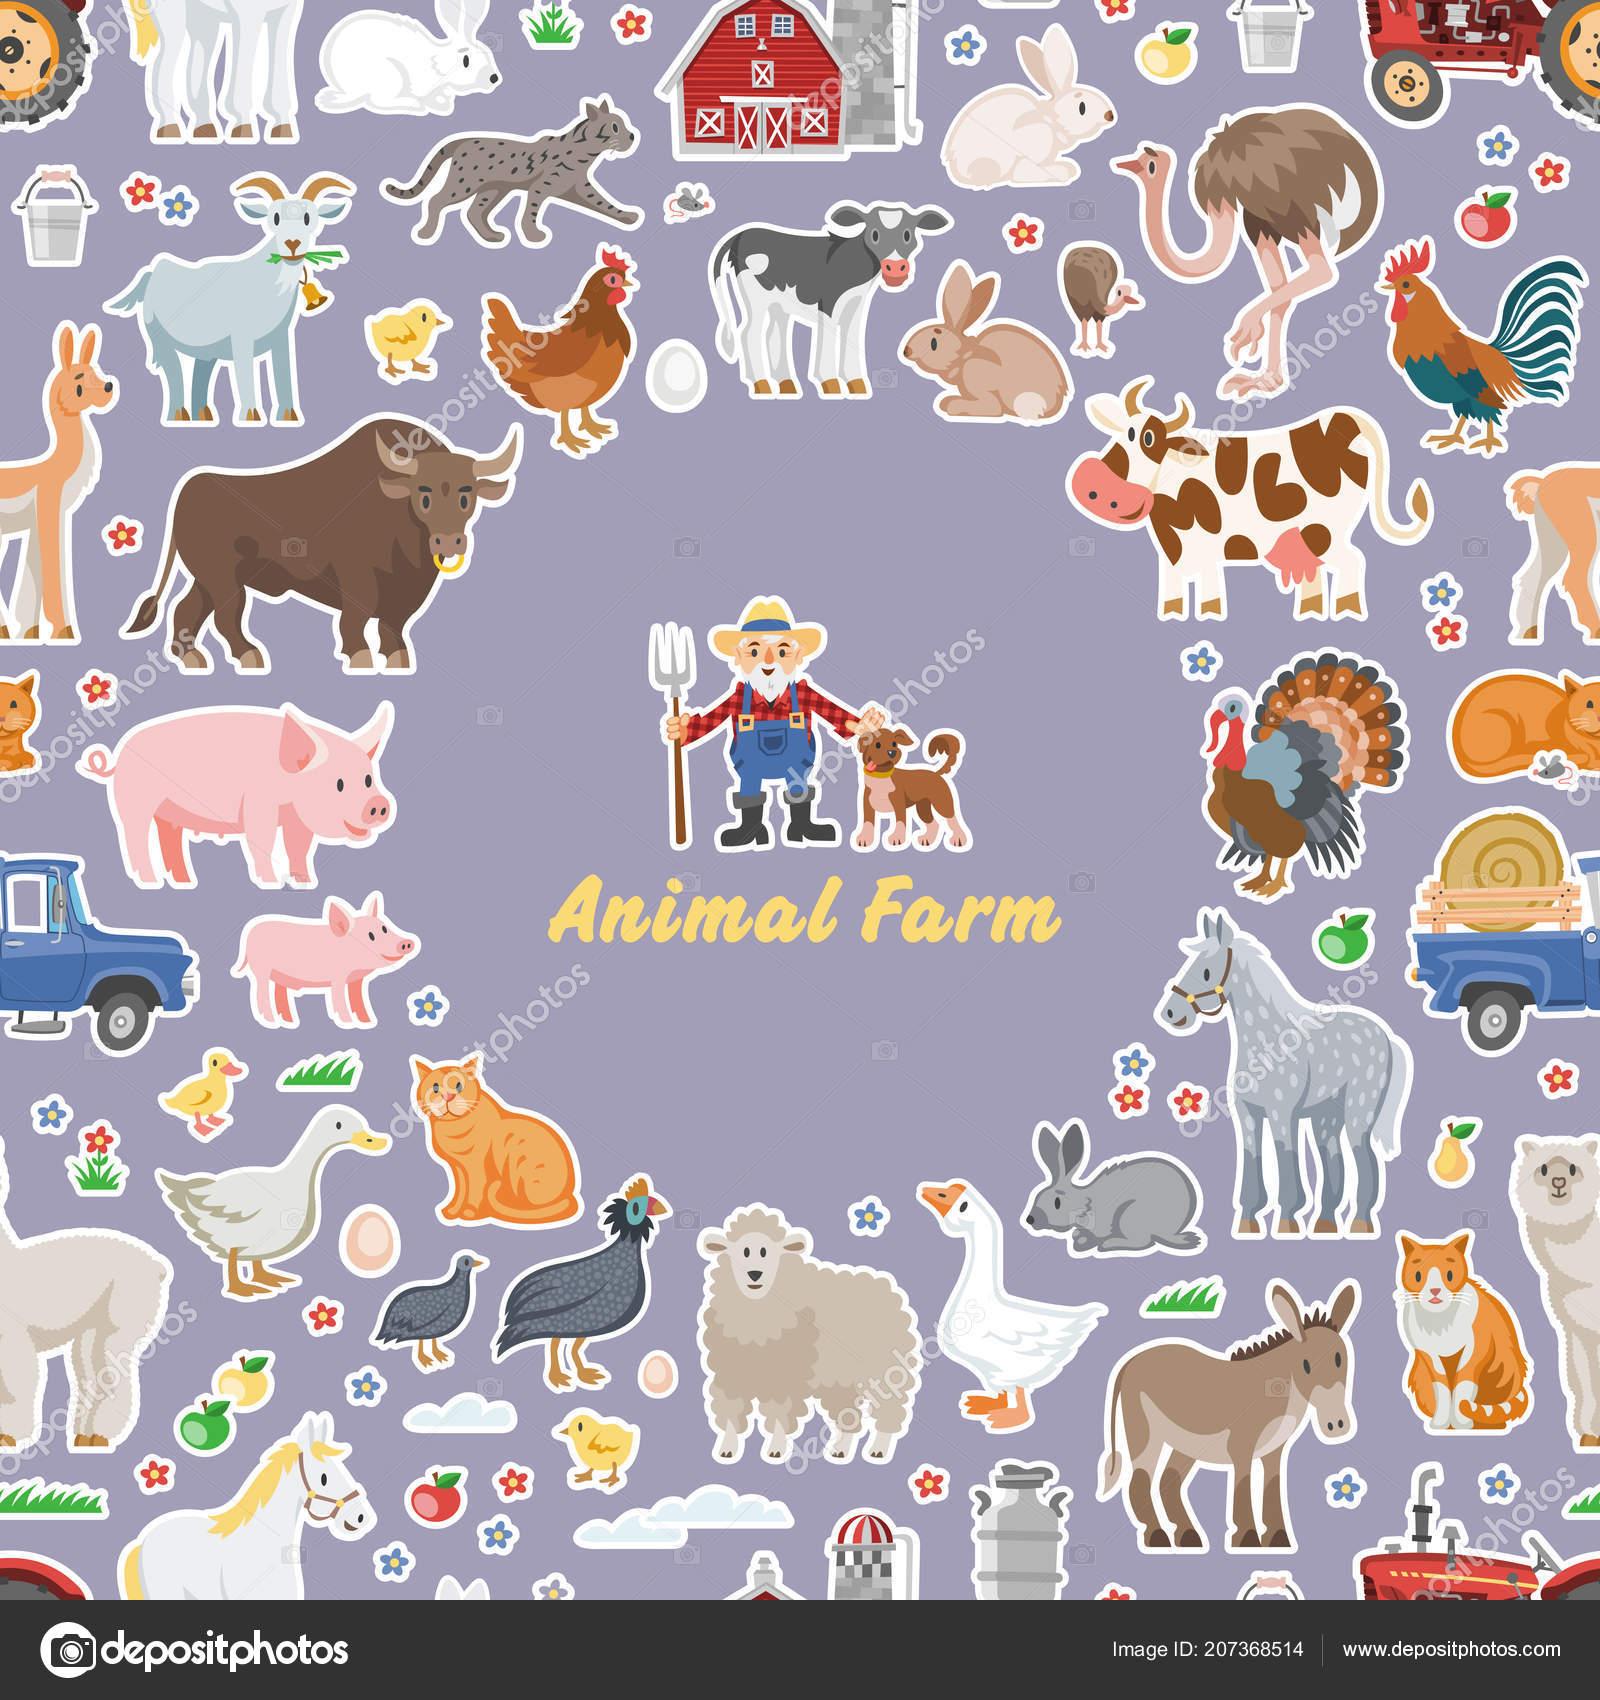 La fattoria degli animali analisi e significato di animal farm